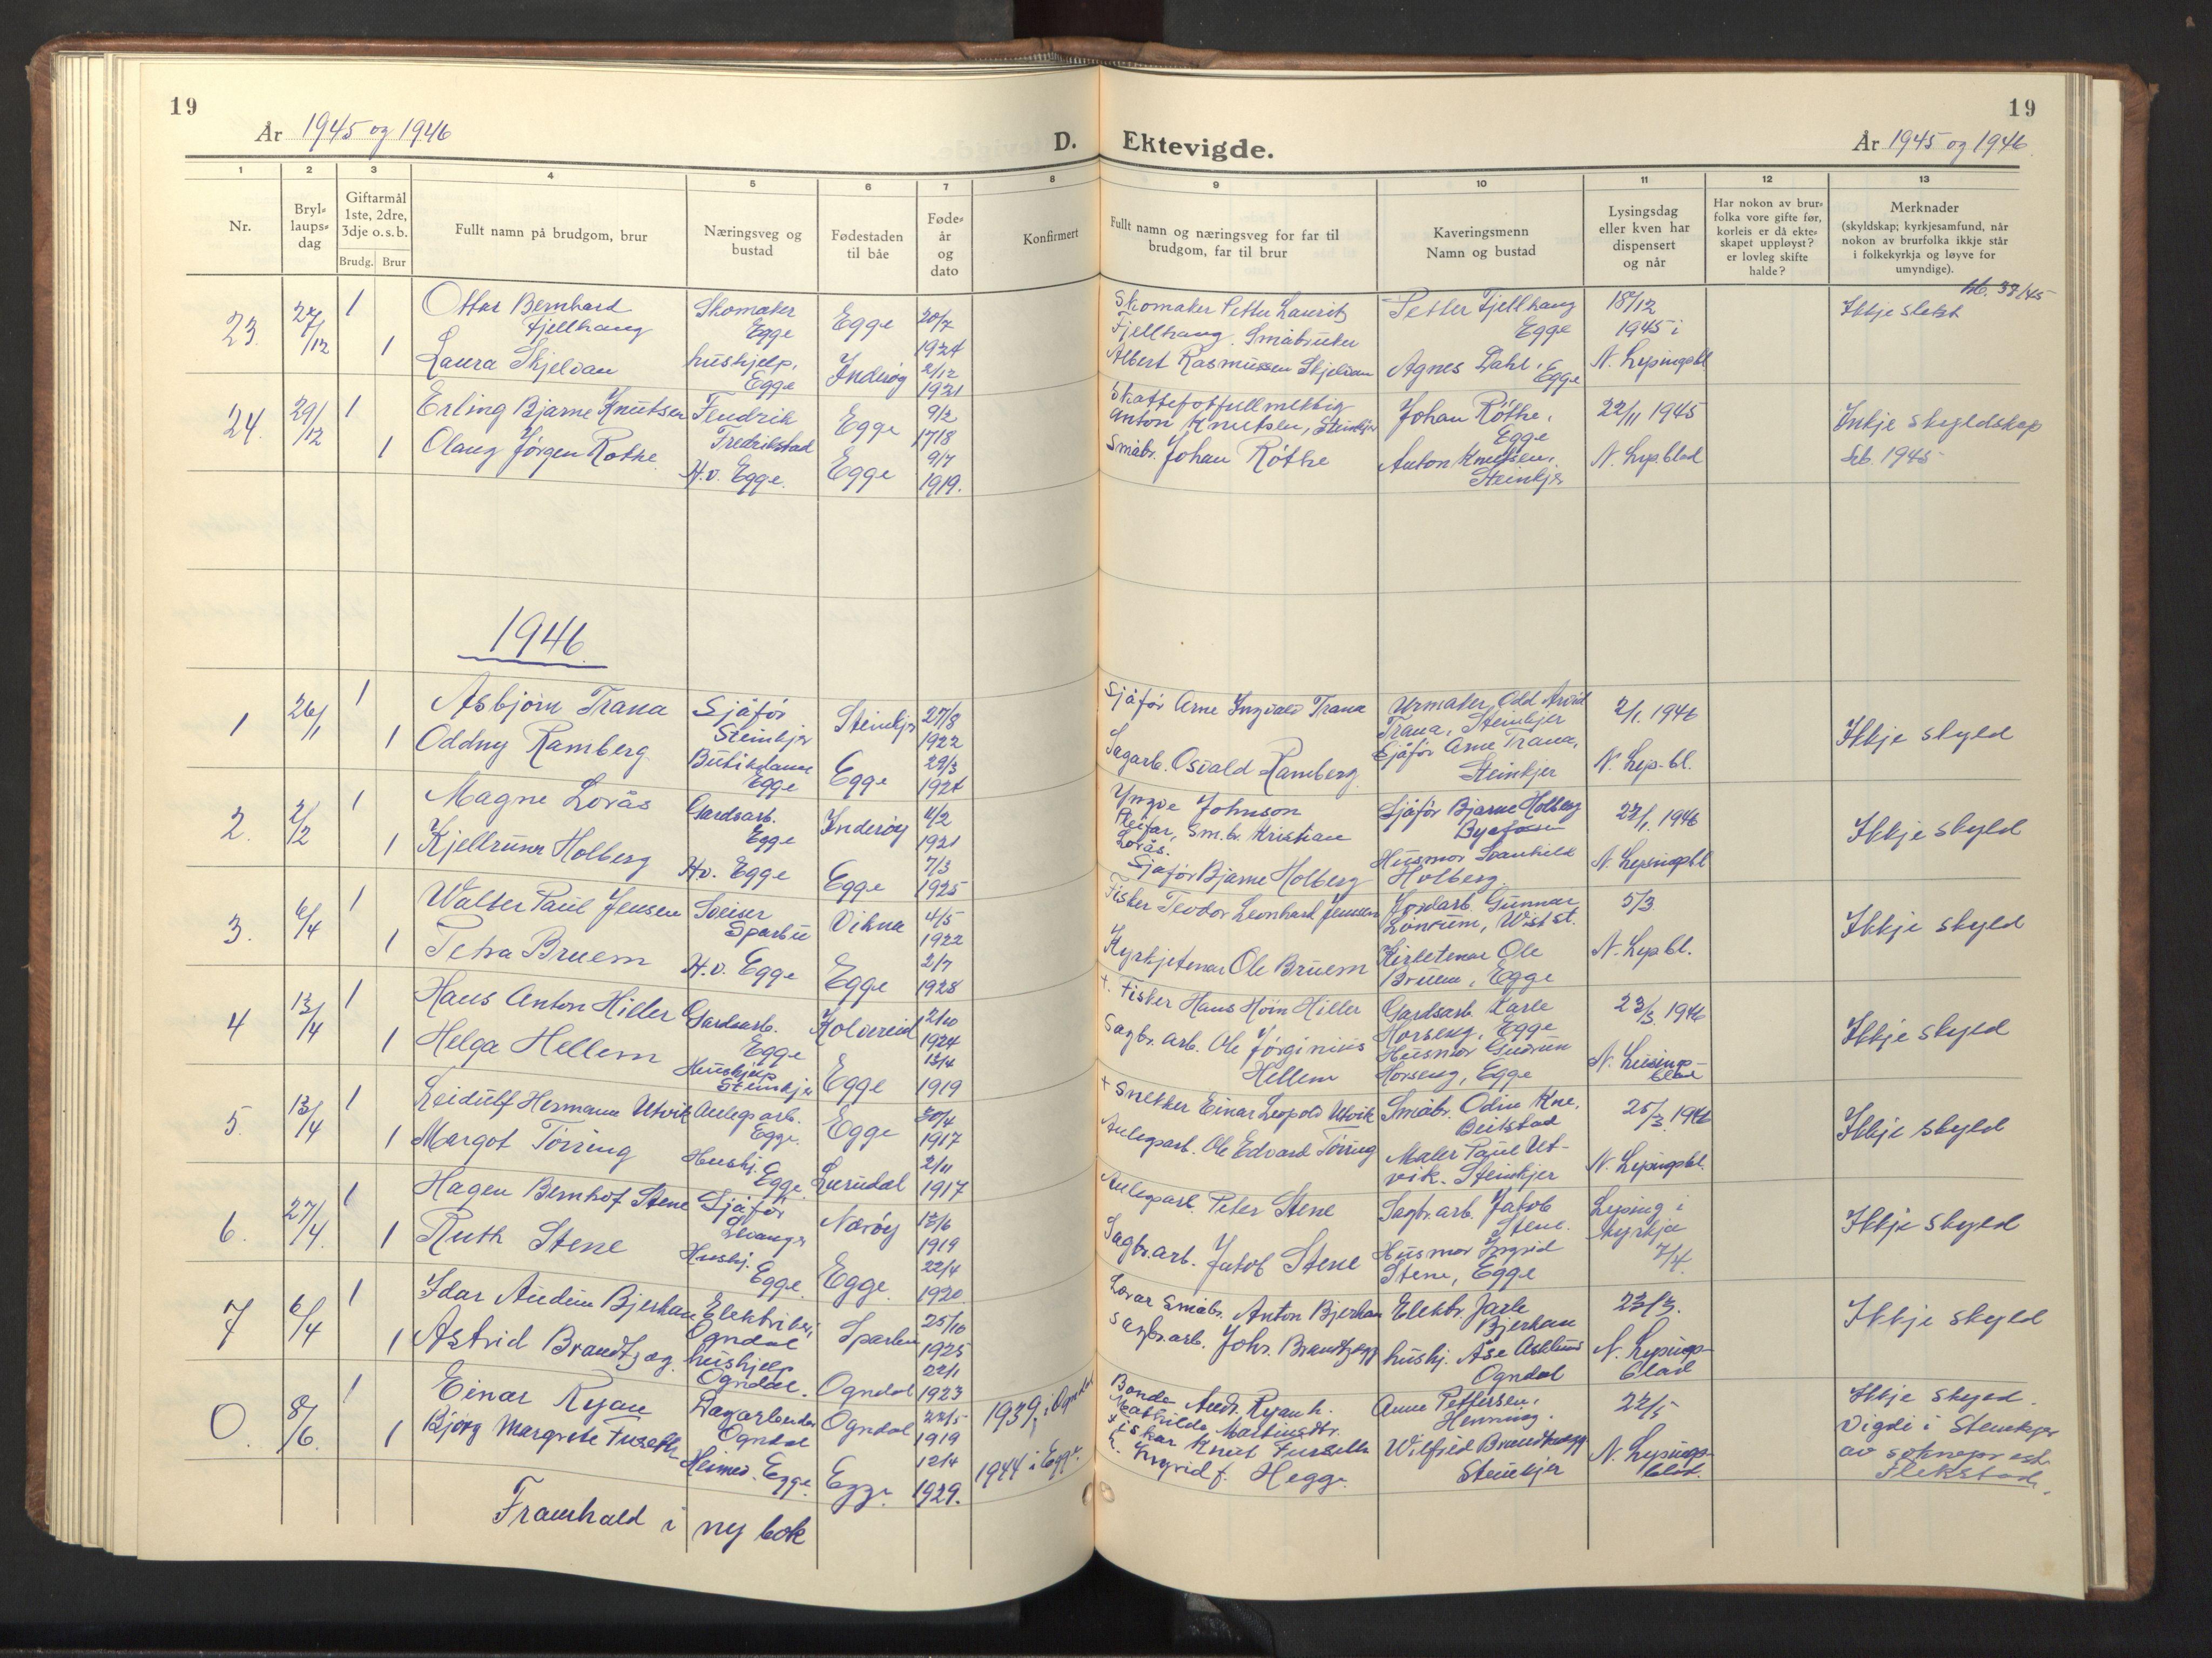 SAT, Ministerialprotokoller, klokkerbøker og fødselsregistre - Nord-Trøndelag, 740/L0384: Klokkerbok nr. 740C05, 1939-1946, s. 19